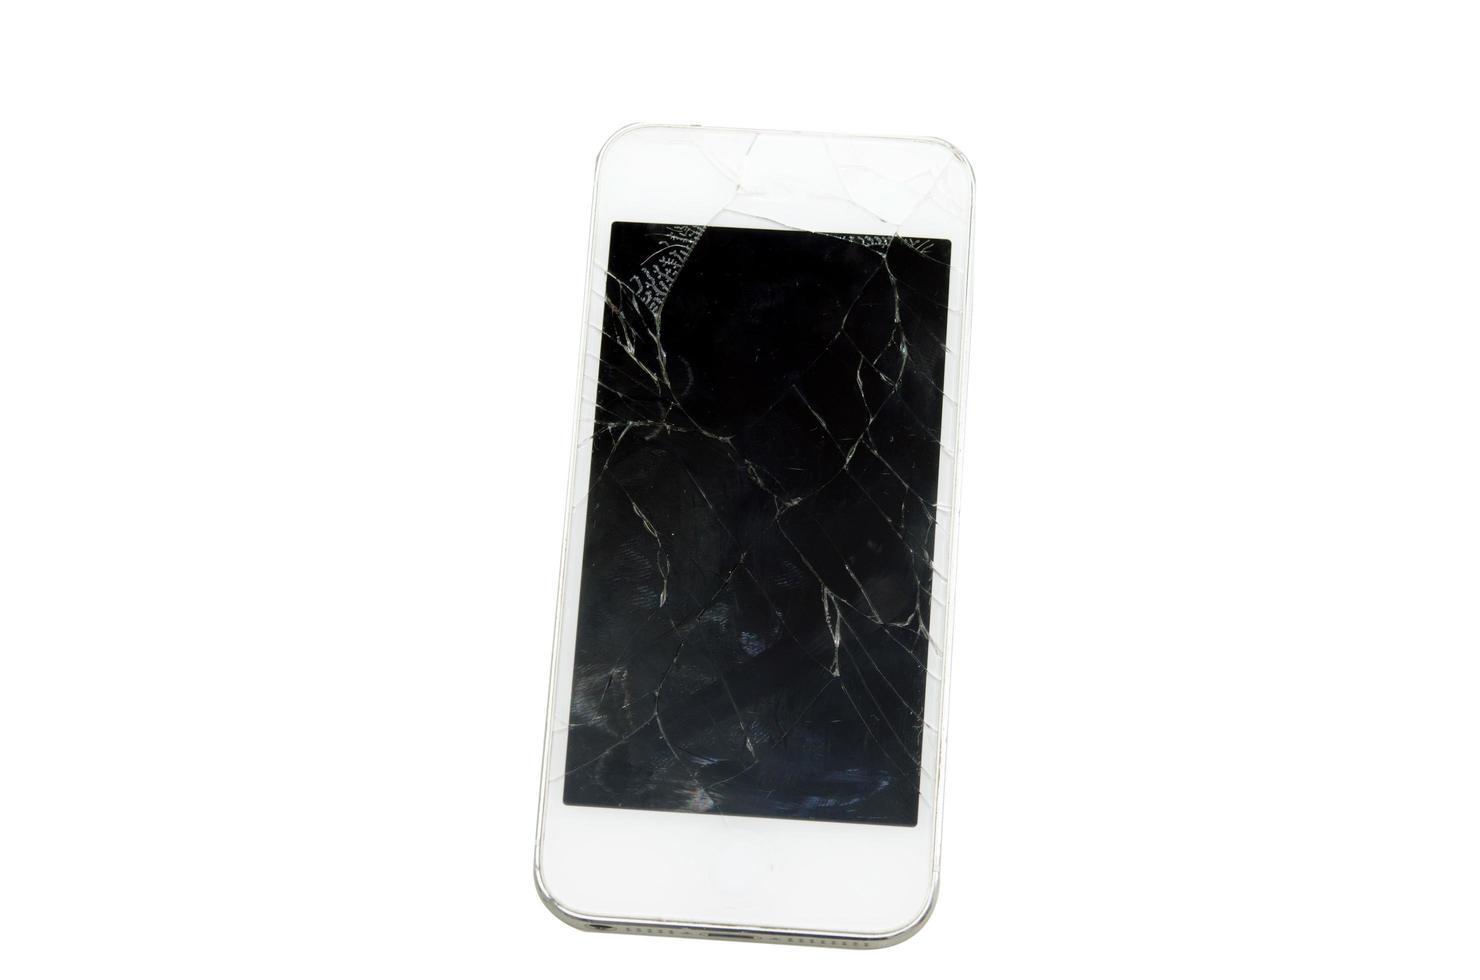 schermo del telefono rotto su sfondo bianco foto